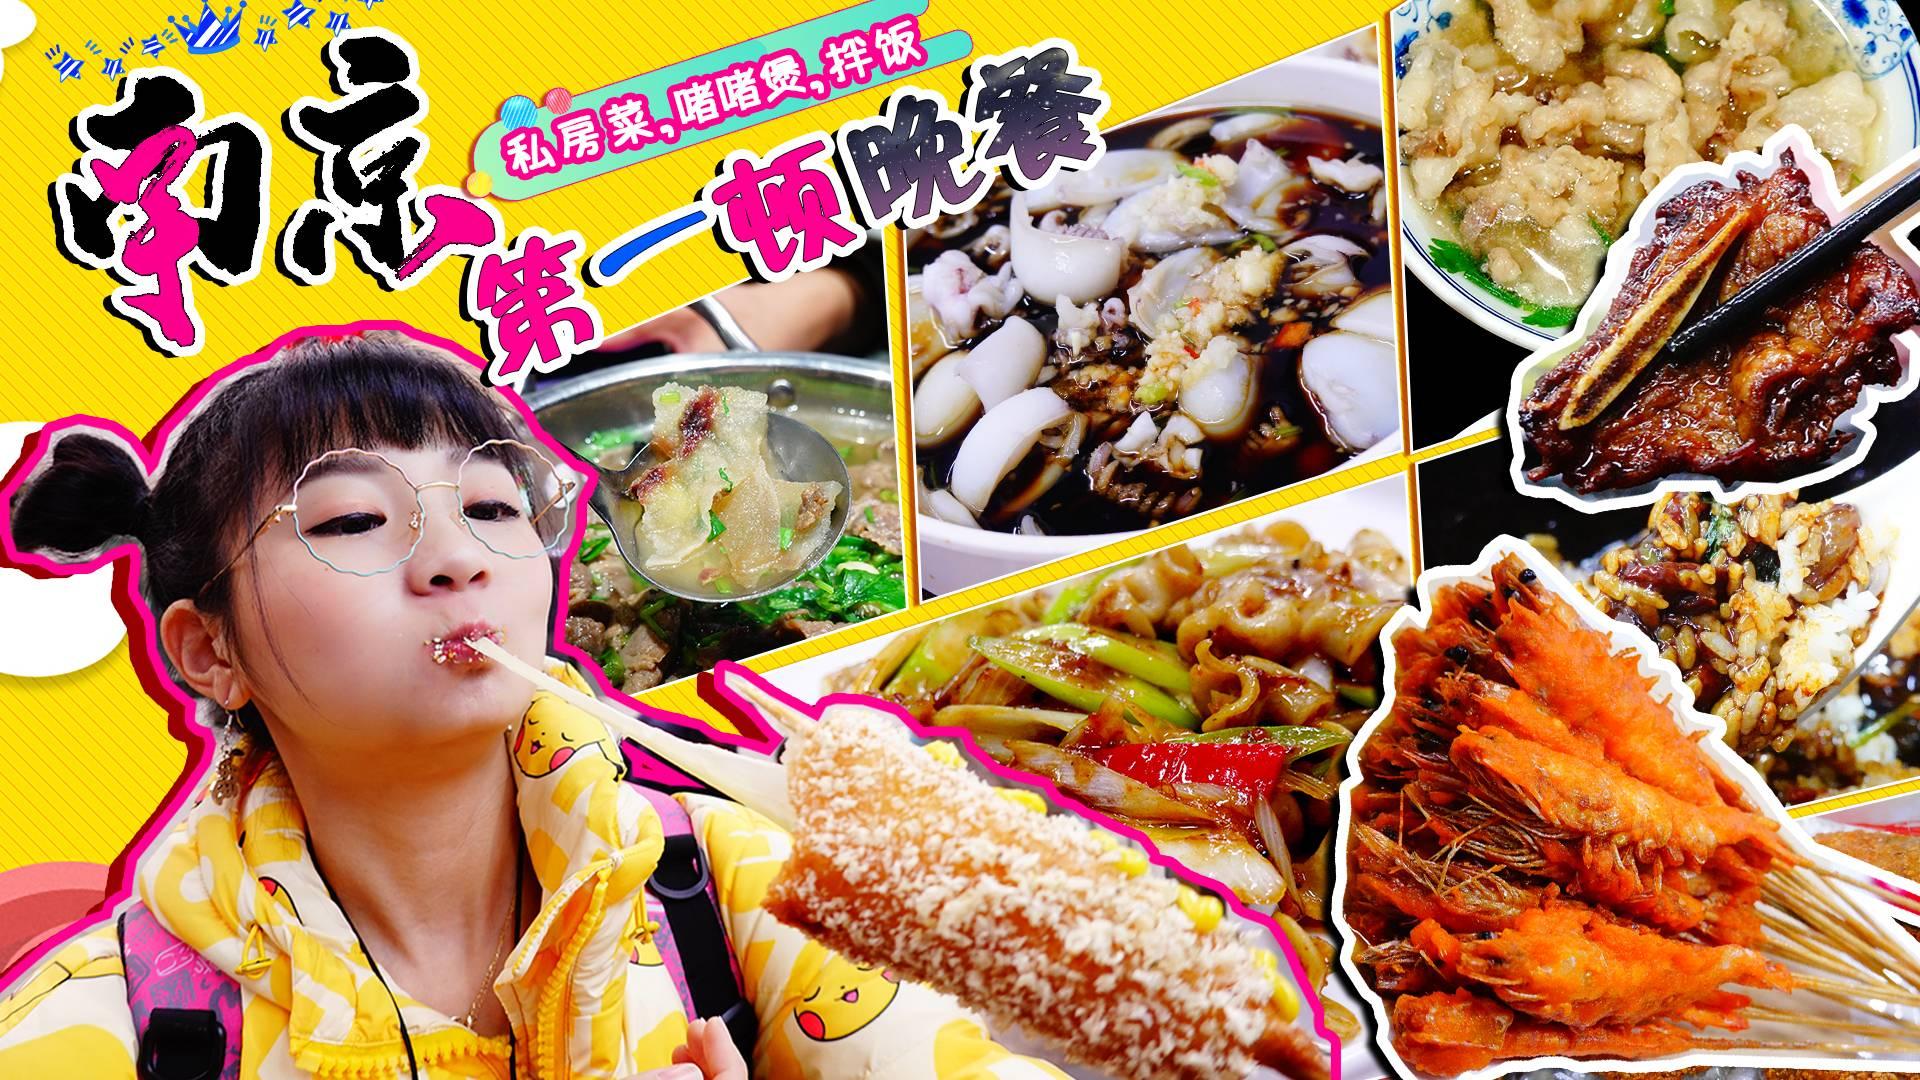 南京逛吃第一顿晚餐,私房啫啫煲拌米饭,腰花和墨鱼仔!